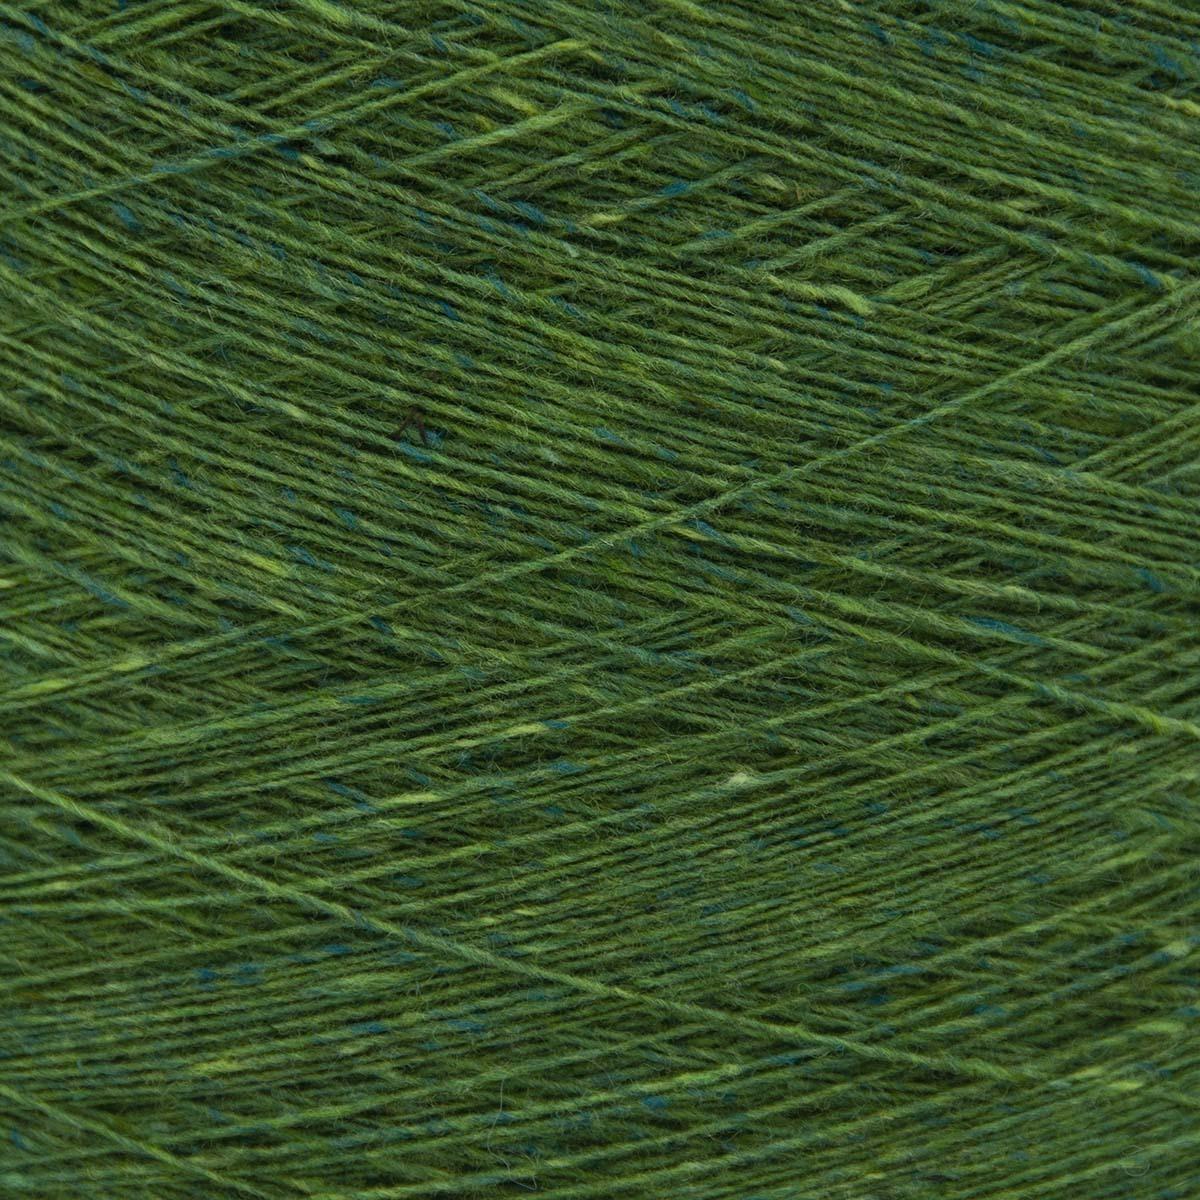 Knoll Yarns Galanta - 1613